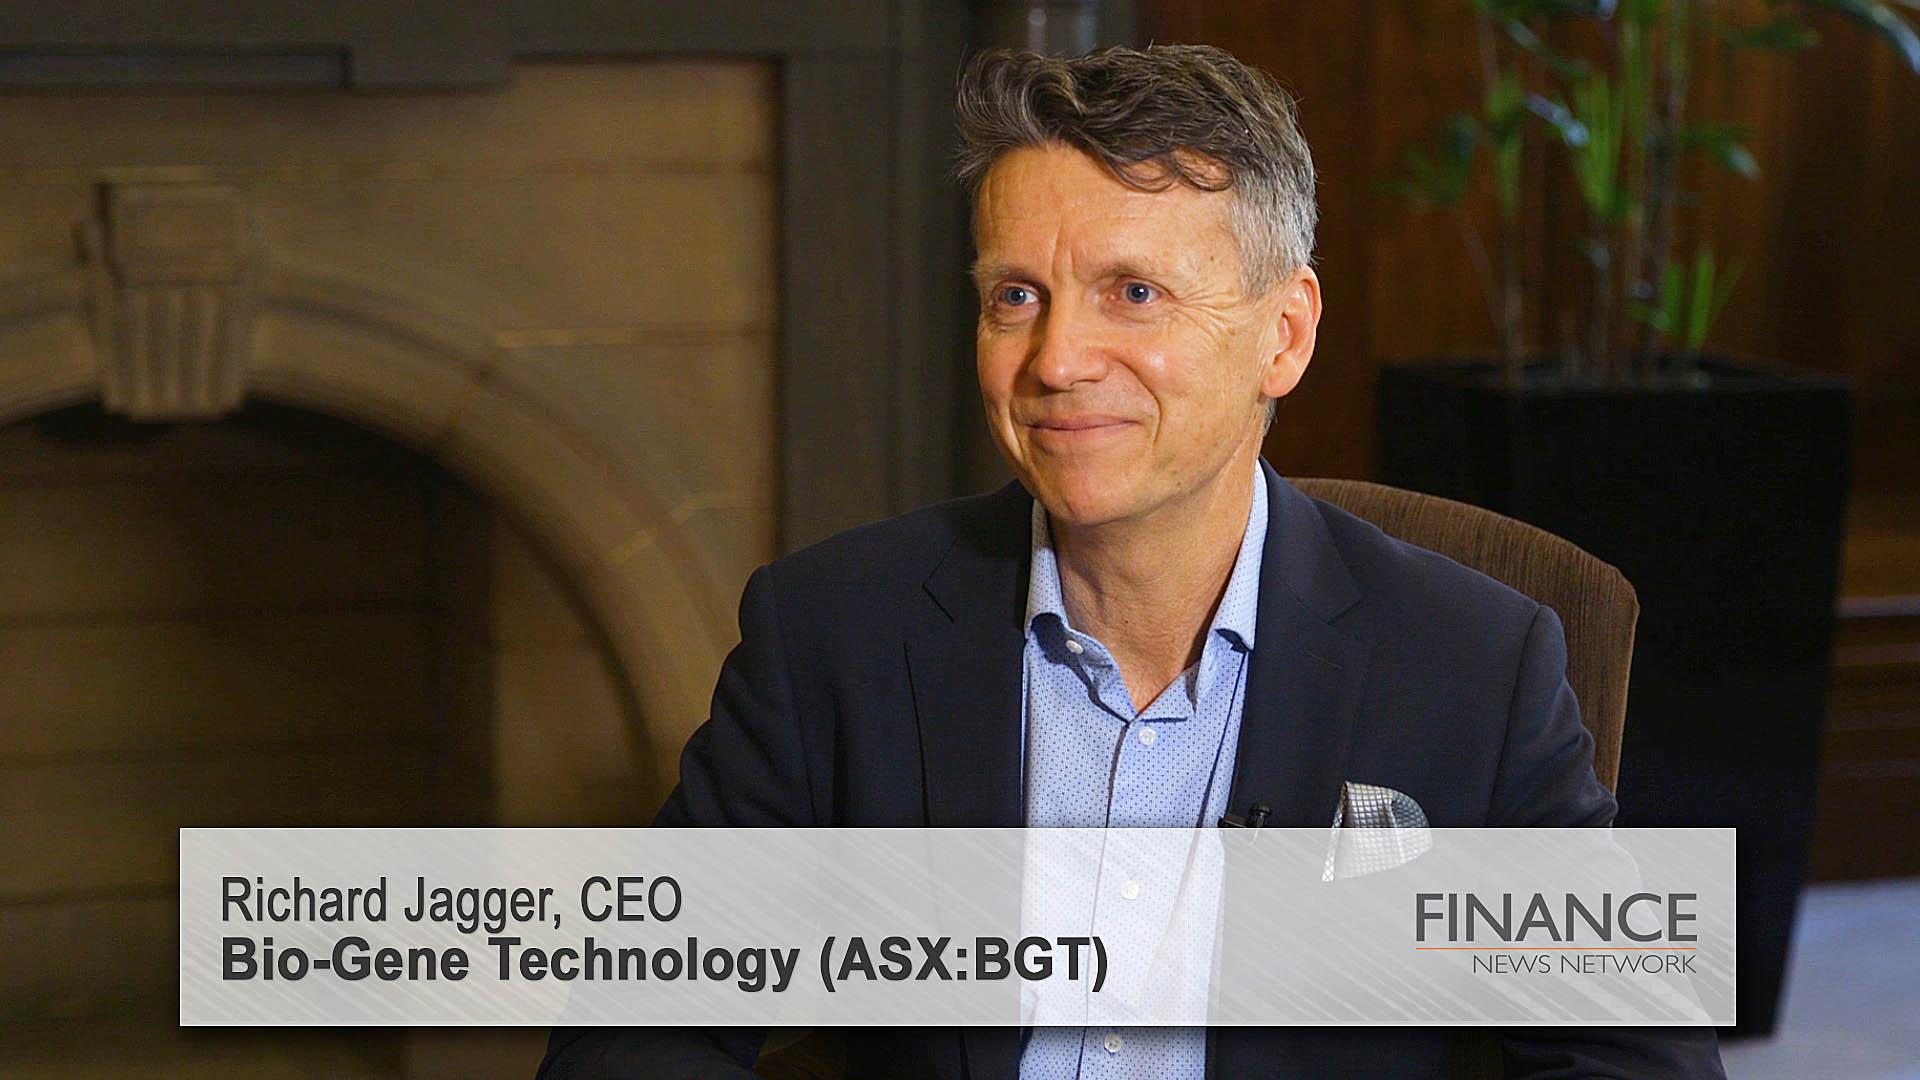 Bio-Gene Technology (ASX:BGT) AgTech platform